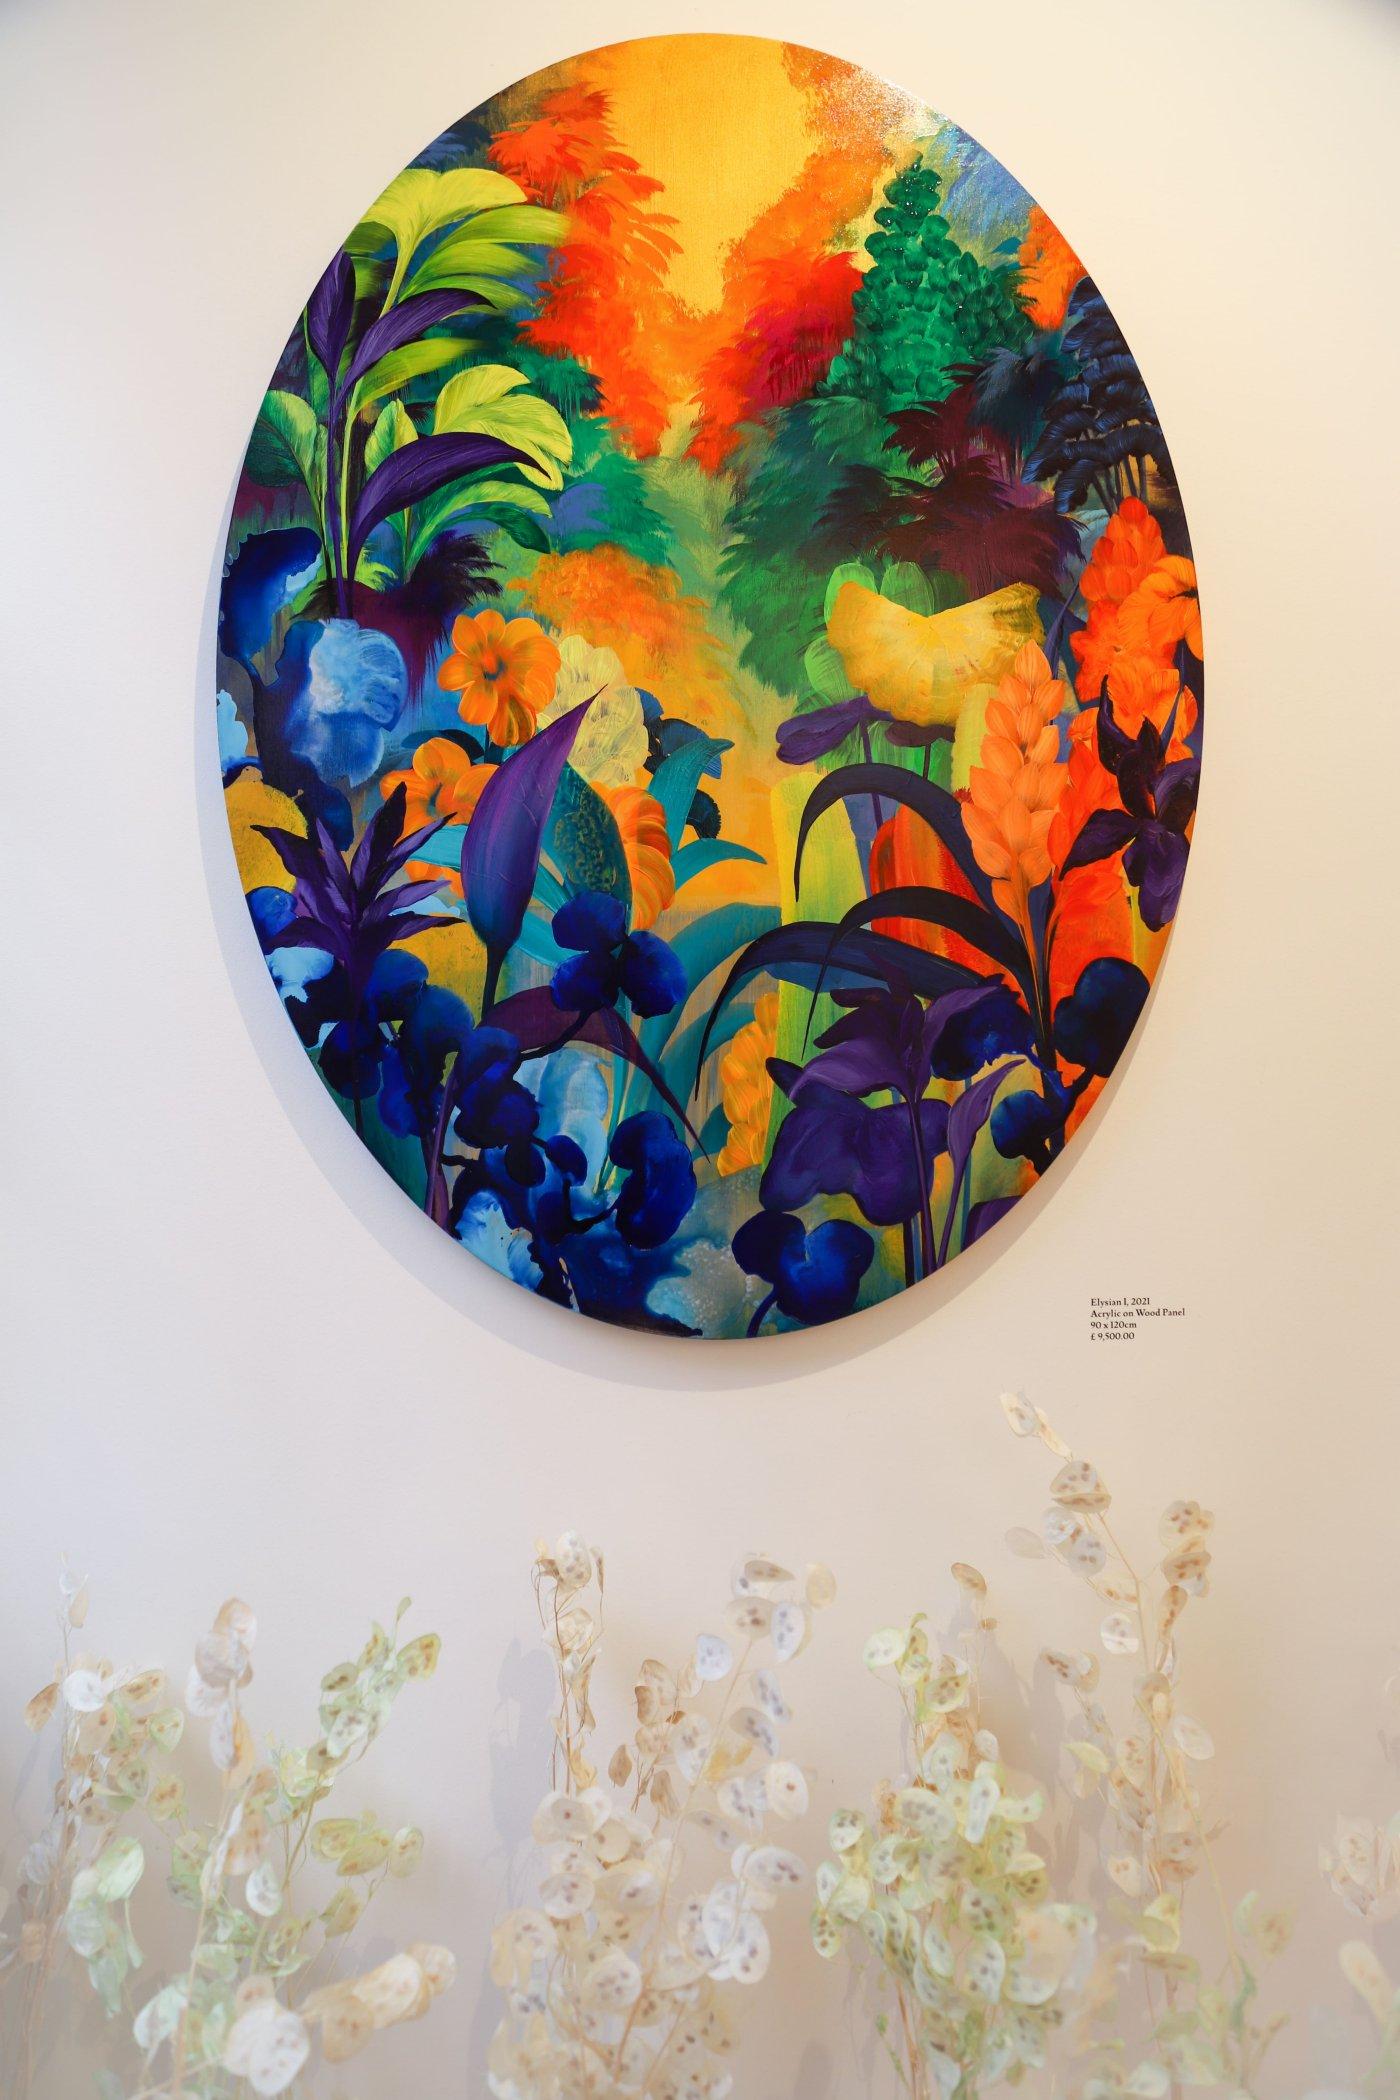 Grove Square Galleries Orlanda Broom 4